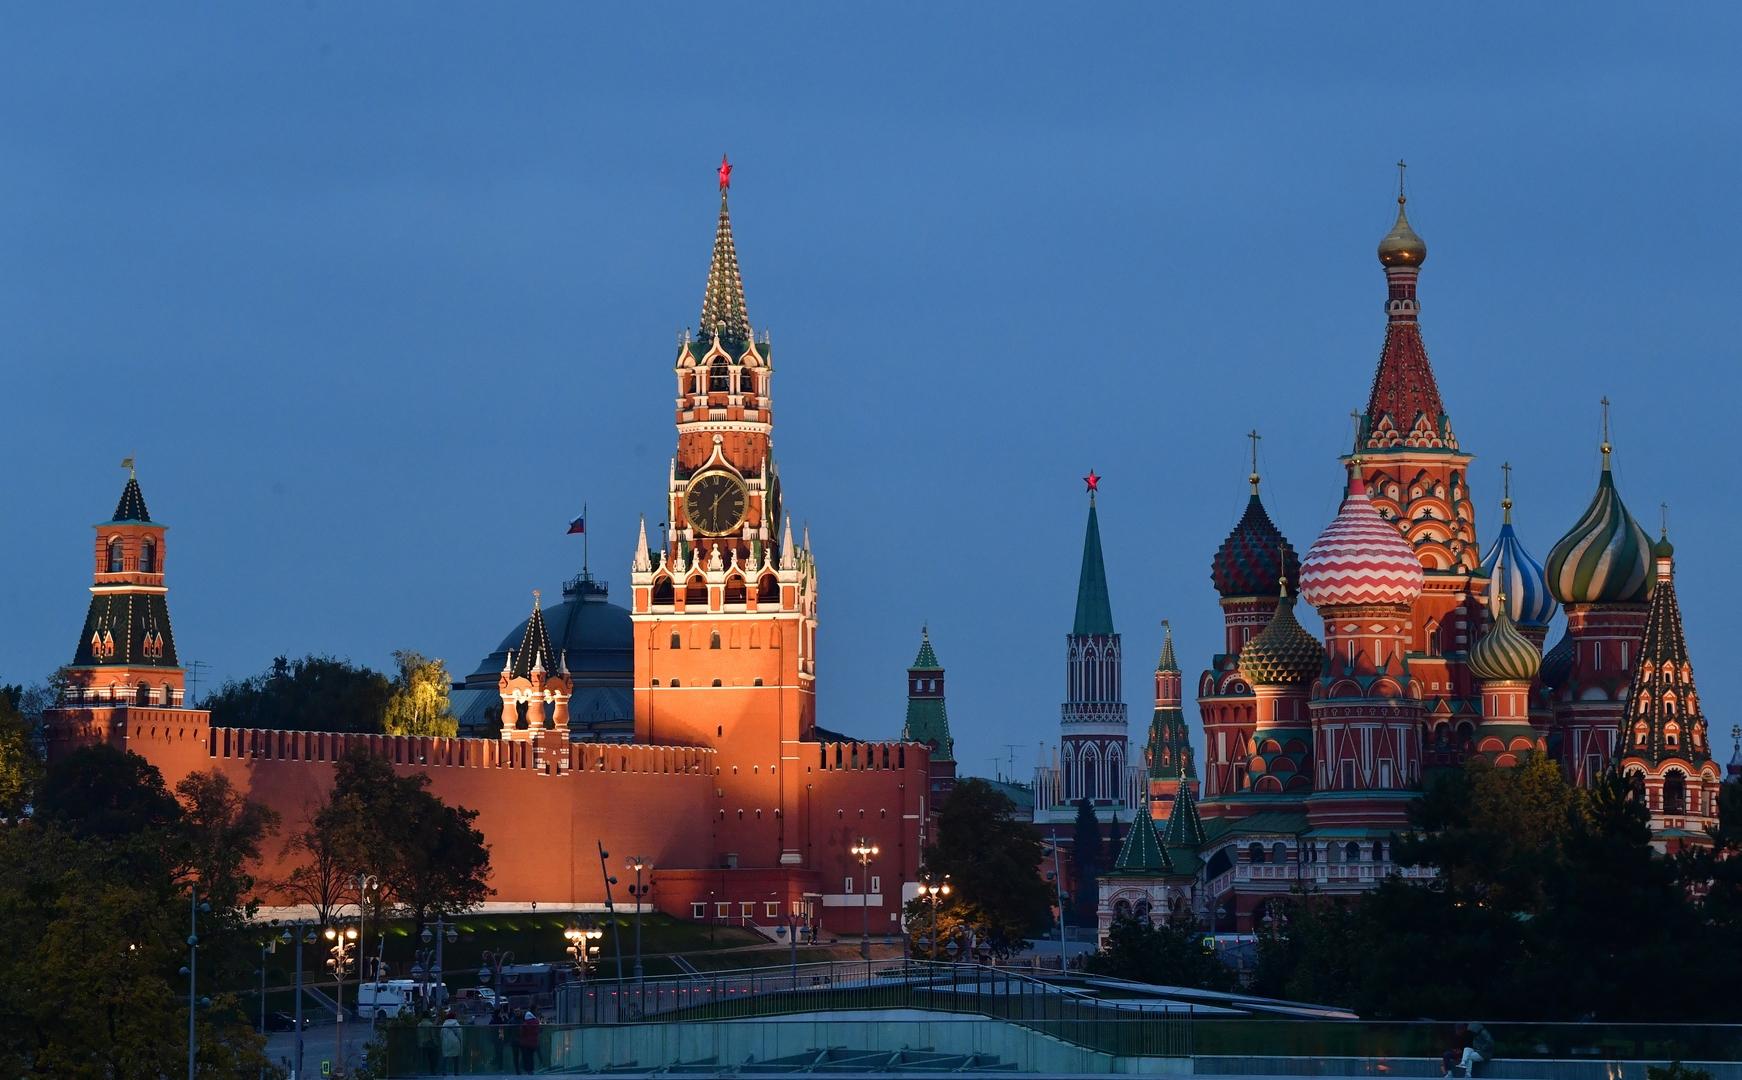 روسيا تصادق على قائمة تضم 52 دولة يمكن لمواطنيها الحصول على تأشيرات إلكترونية